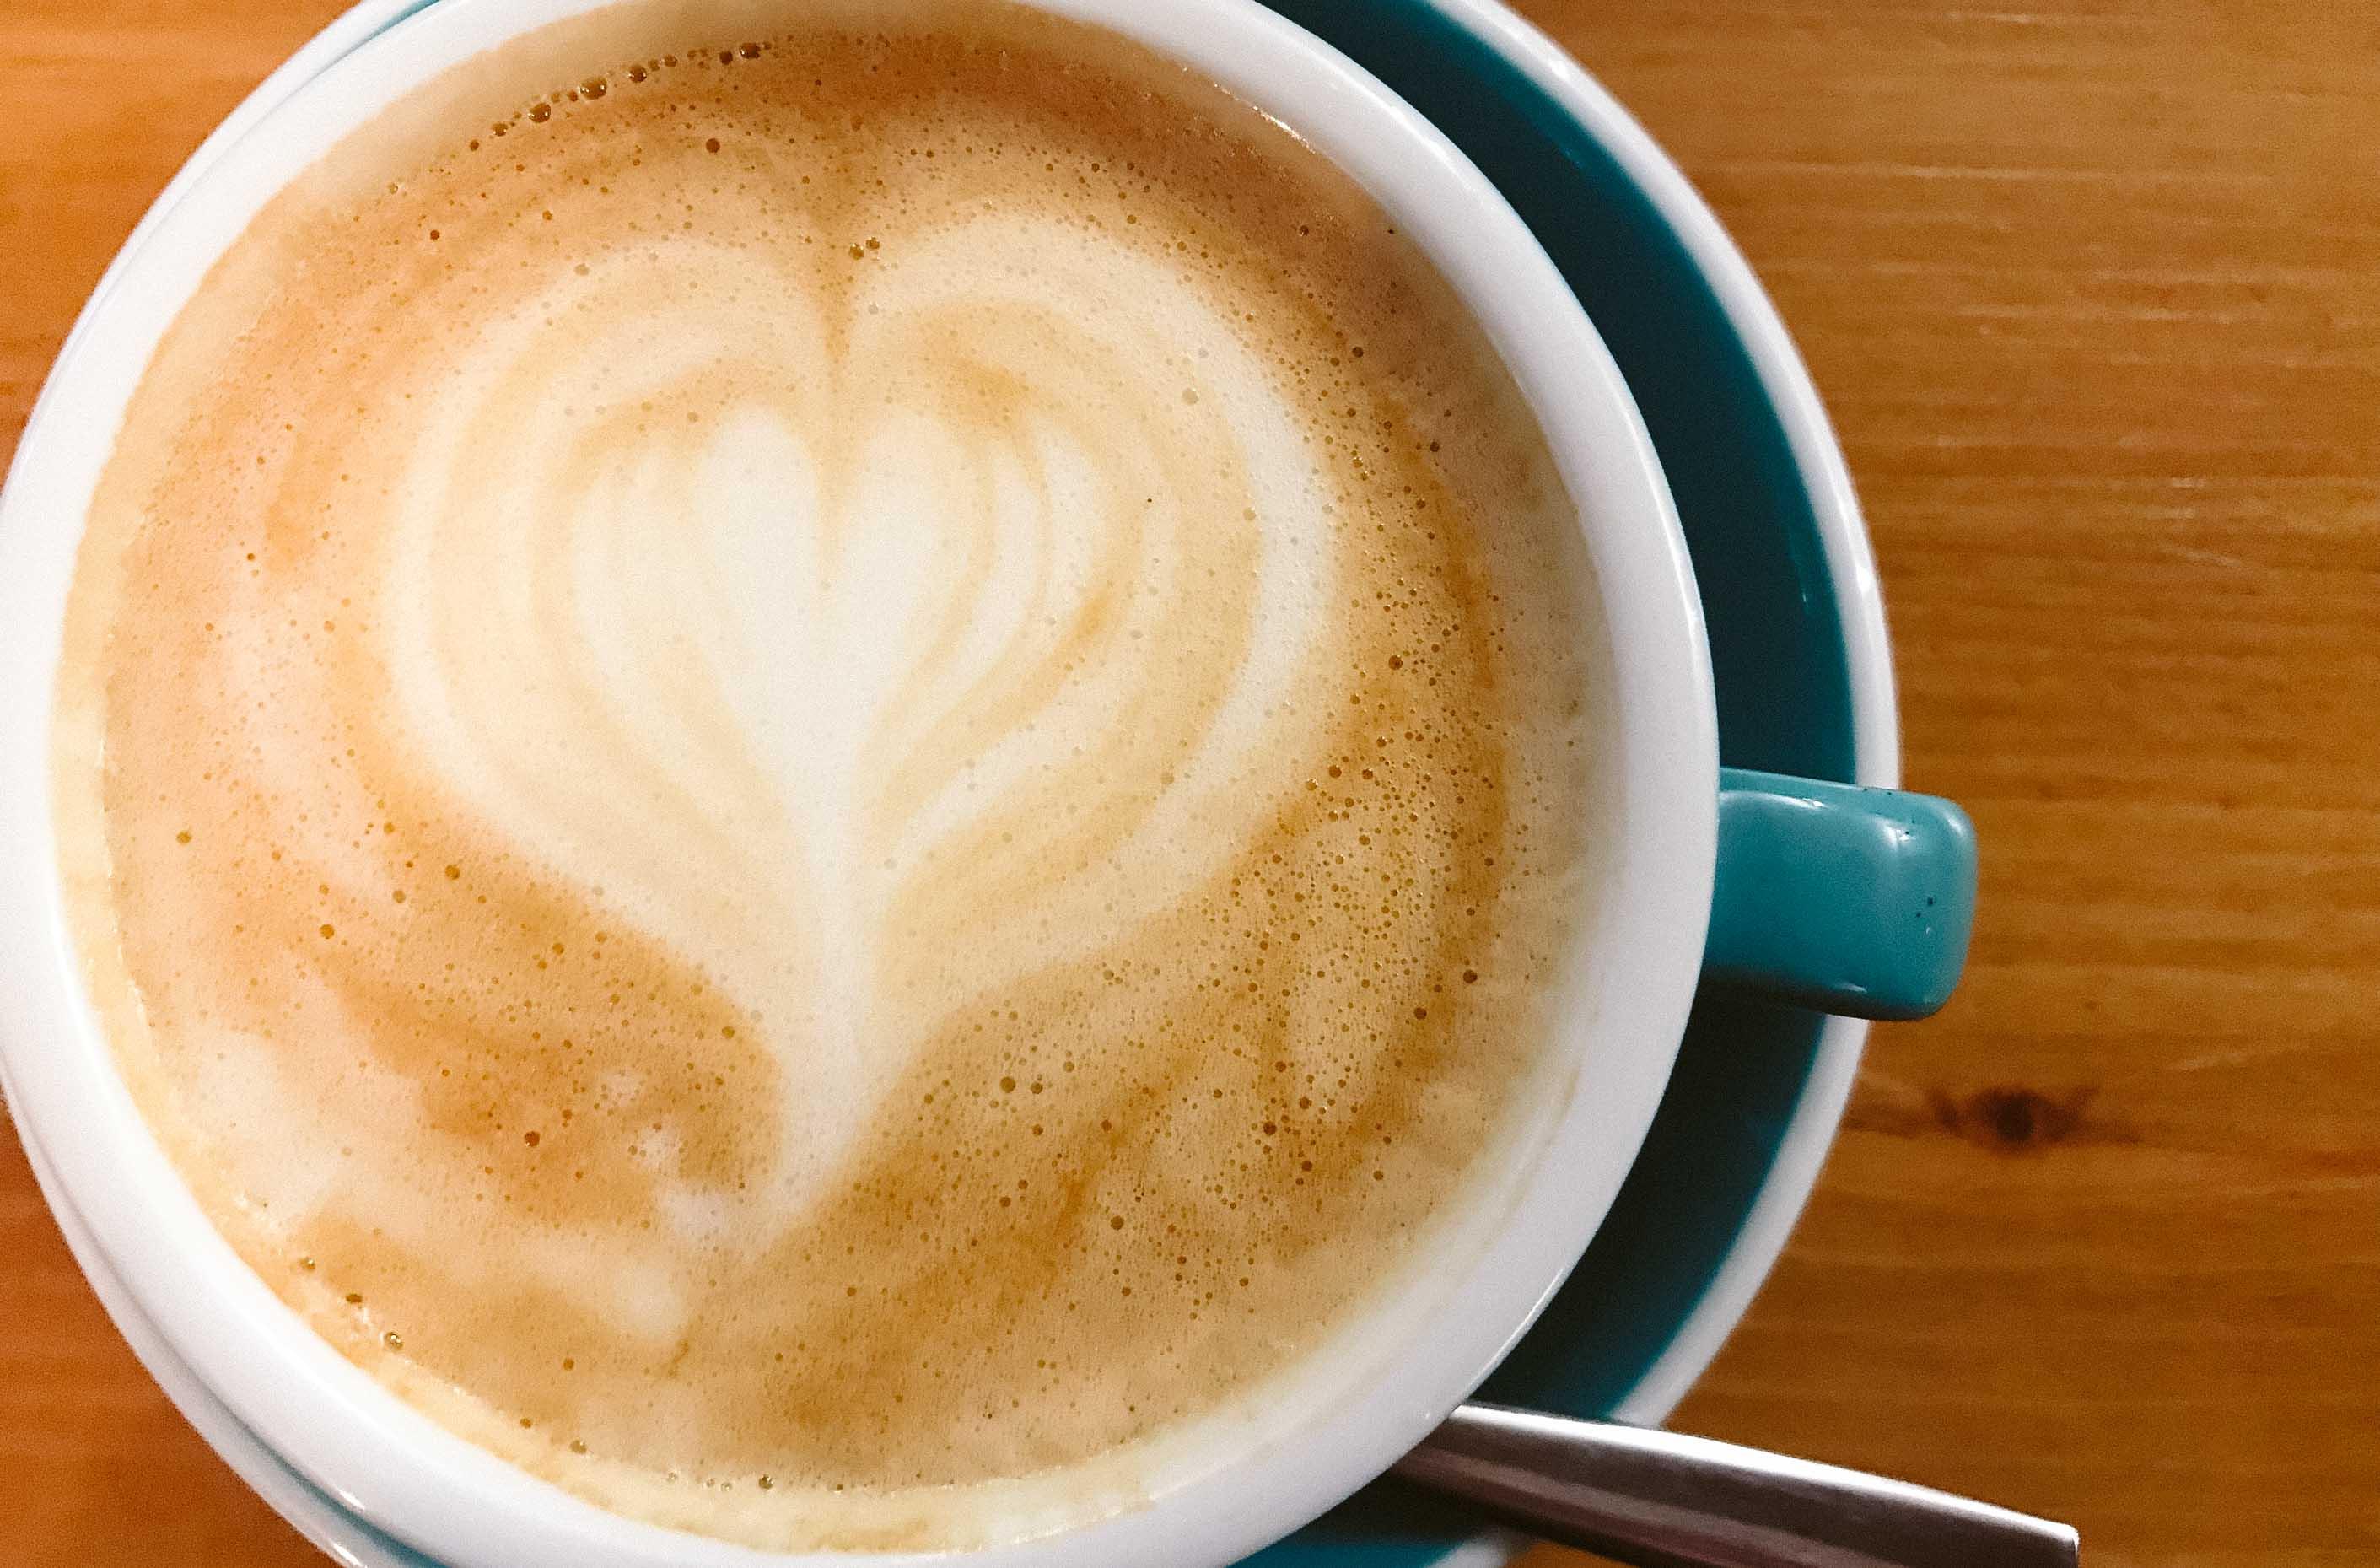 5 крутых кофешопов для фрилансеров в Будапеште - WARMCUP